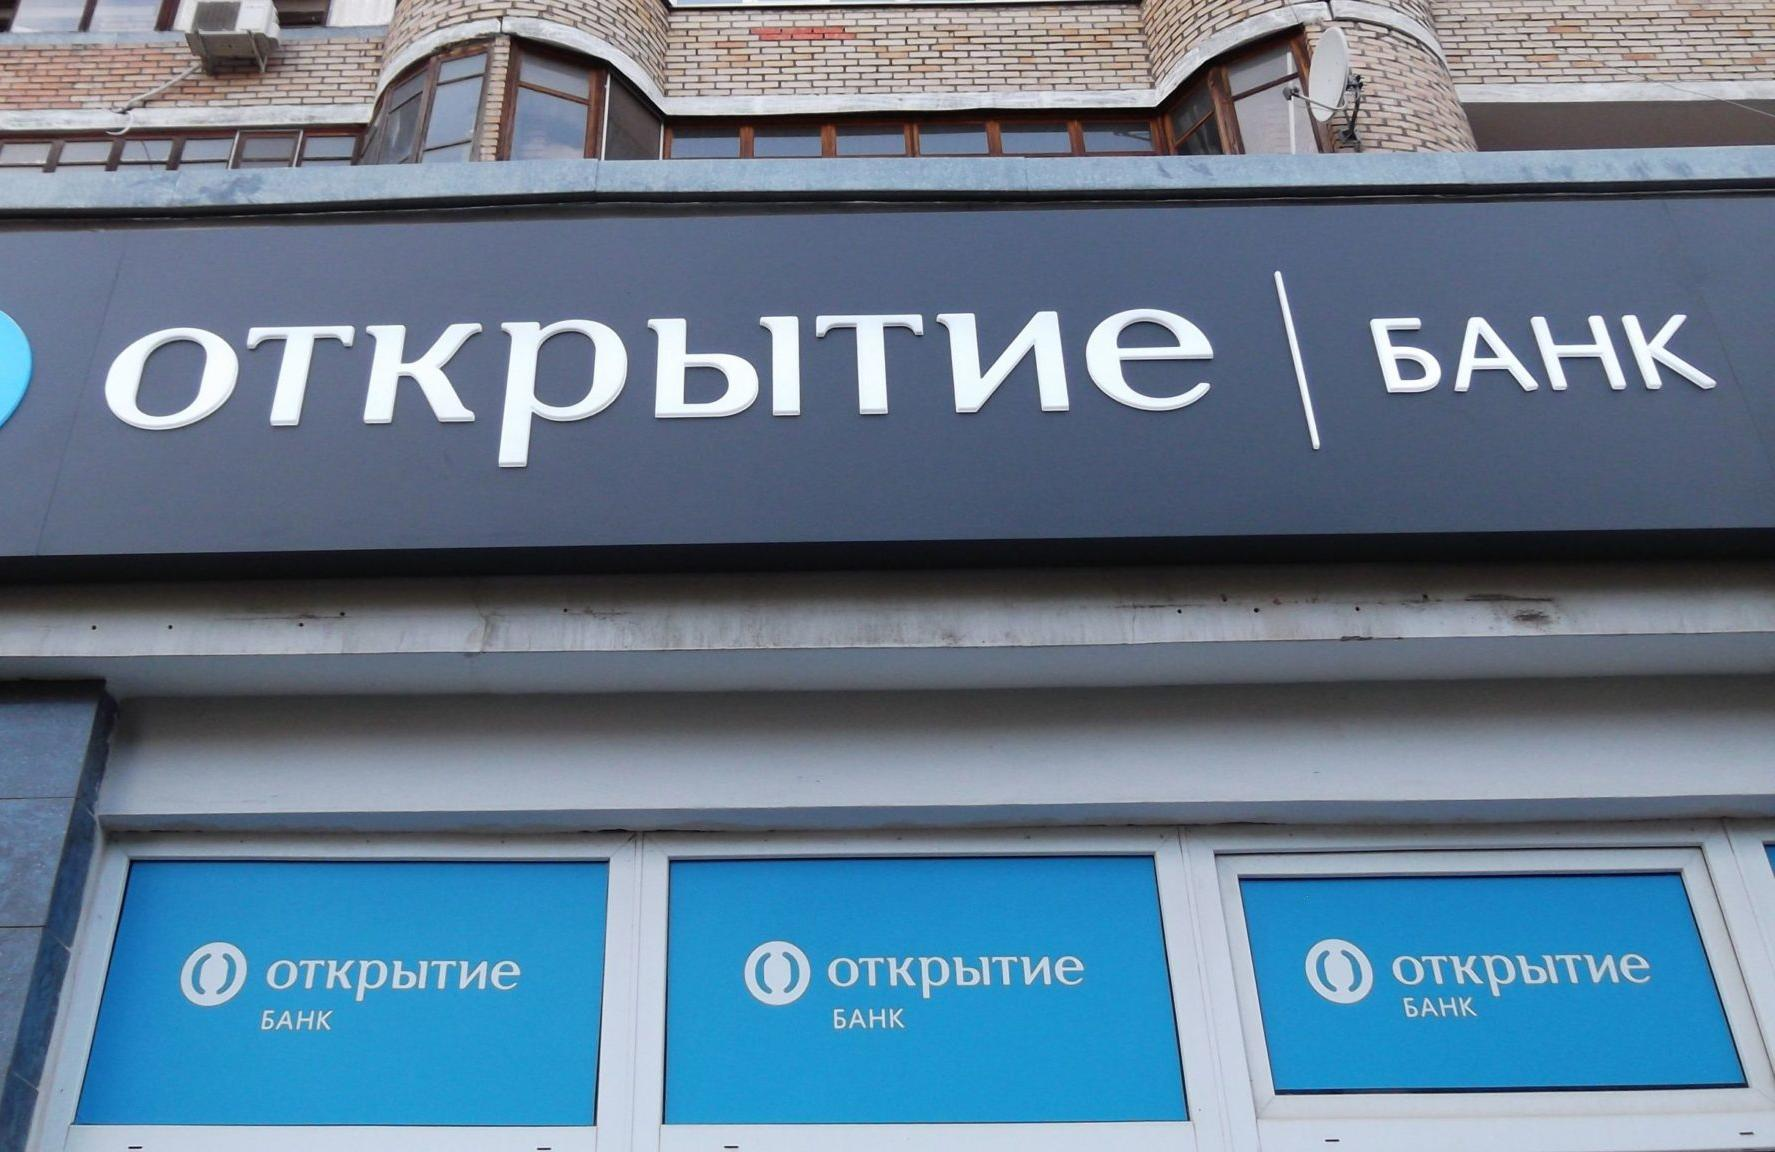 Банк «Открытие» запустил онлайн-рефинансирование кредитных карт других банков - новости Афанасий